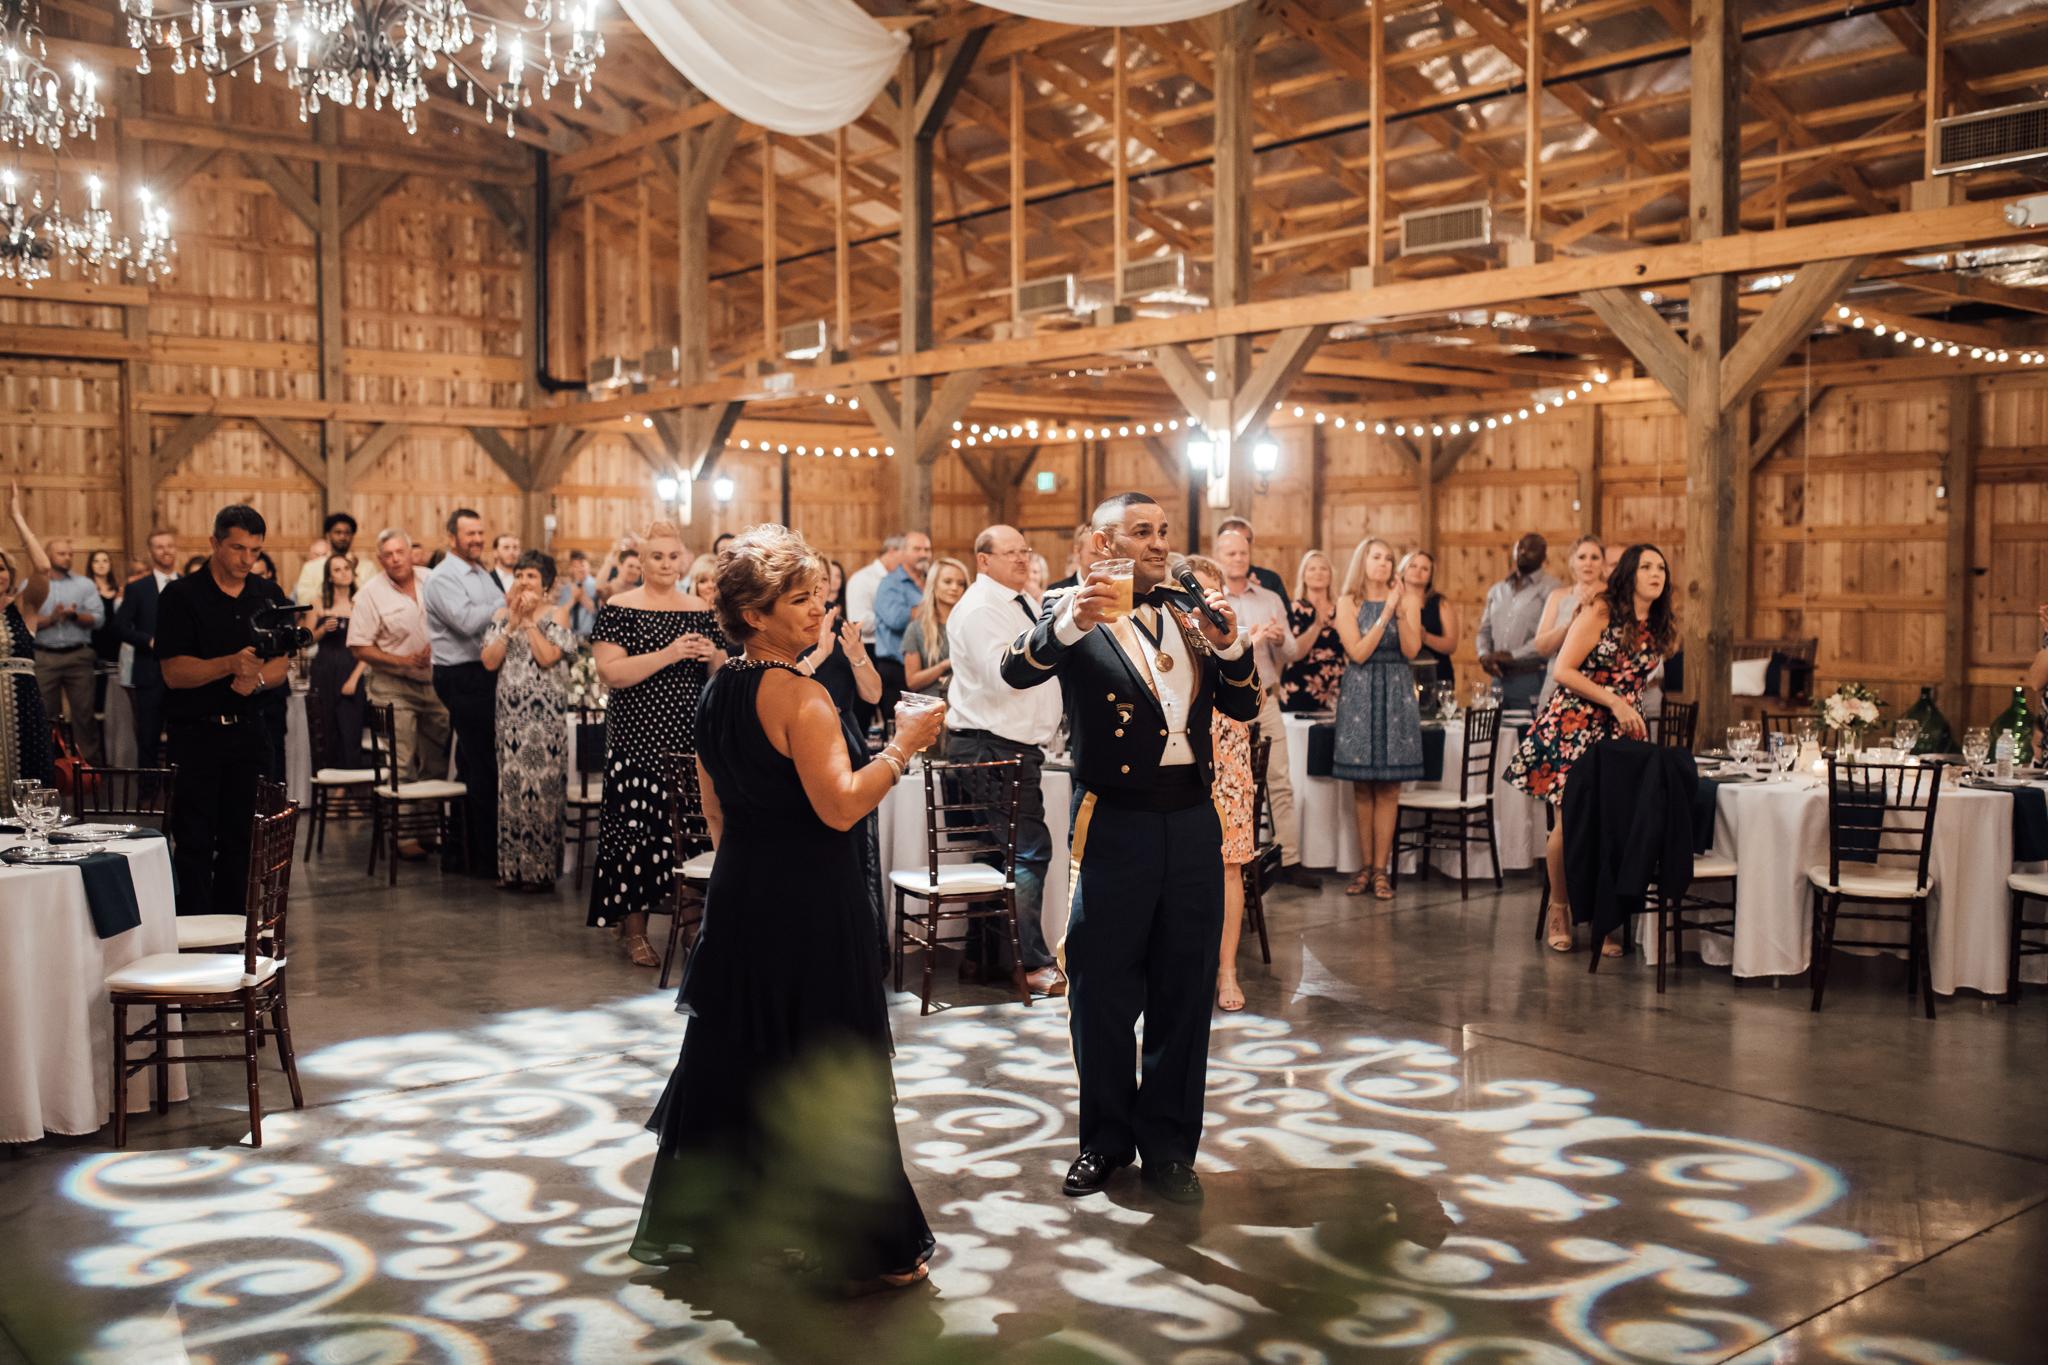 saddlewoodsfarms-nashville-wedding-photographer-thewarmtharoundyou-rustic-wedding (219 of 251).jpg